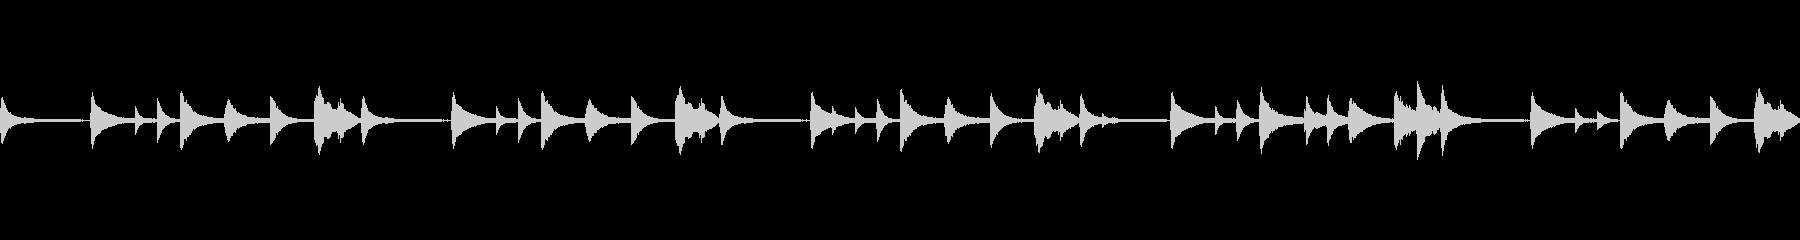 感傷的、切なさを連想させるピアノBGMの未再生の波形